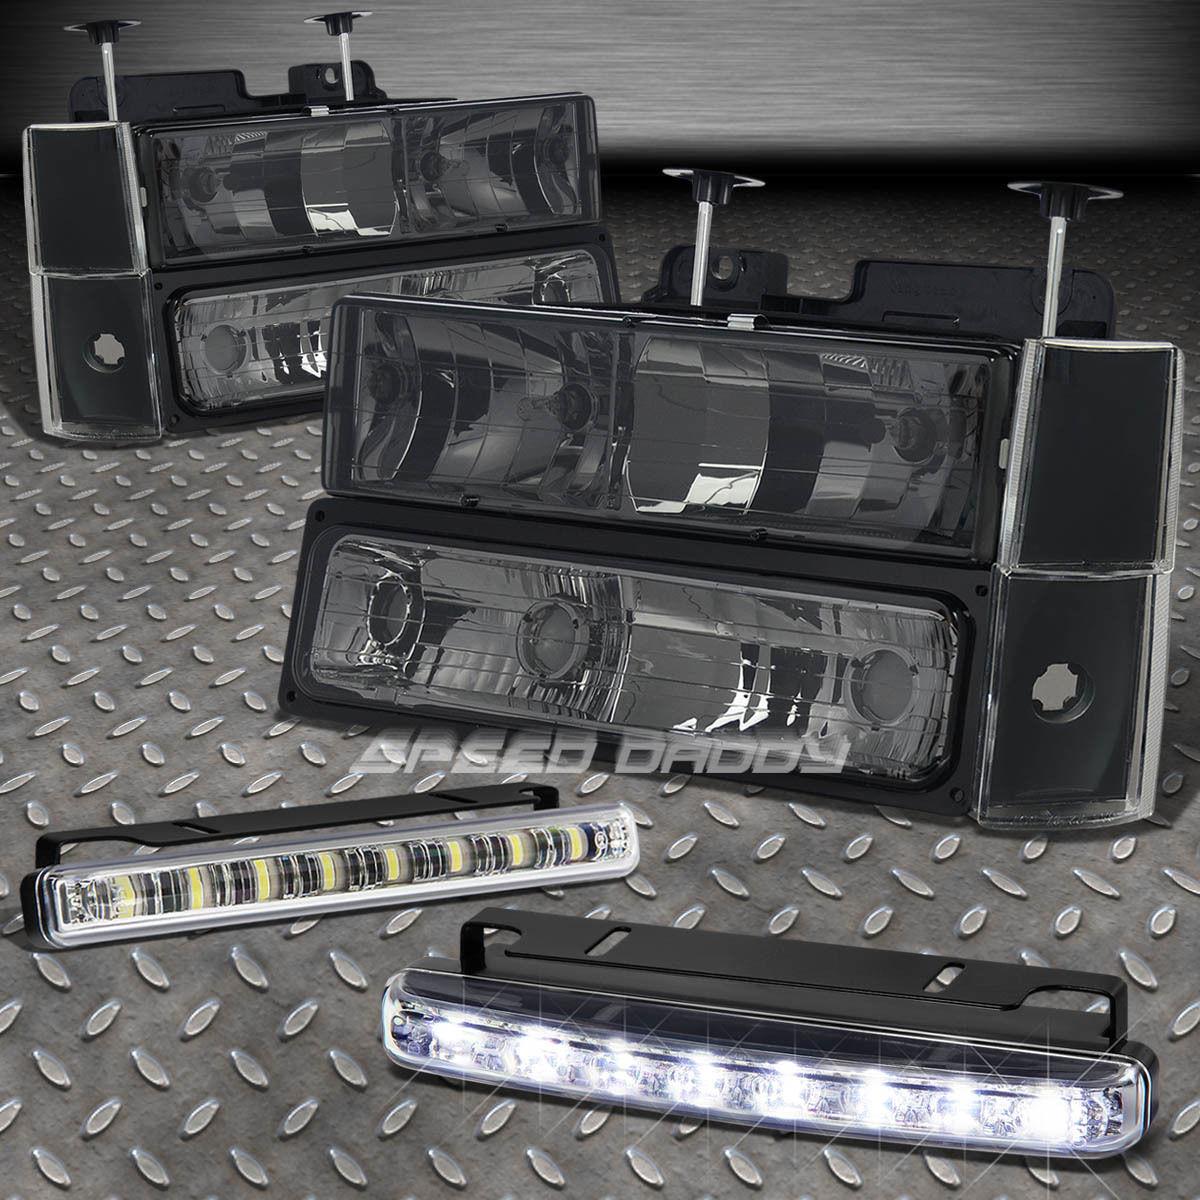 フォグライト BUMPER+CORNER LIGHT+SMOKED TINT HEADLIGHTS LED FOG LAMP FITS 88-93 BLAZER/TAHOE バンパー+コーナーライト+スモーキングテントヘッドライトLED FOG LAMP FITS 88-93 BLAZER / TAHOE